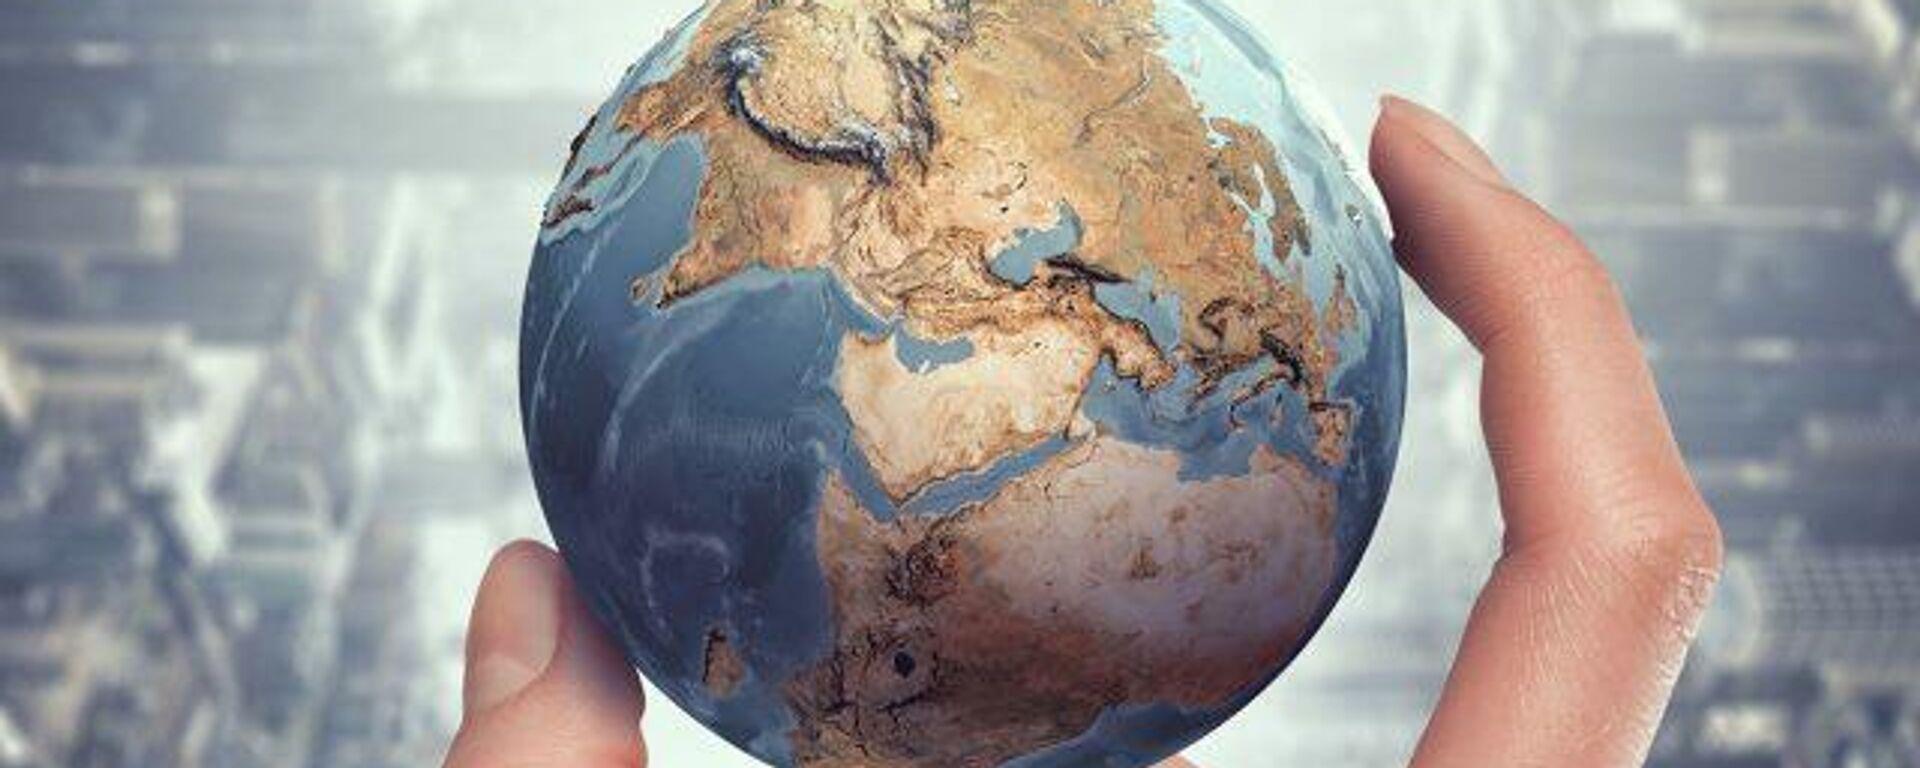 Colombia: Gobierno en crisis acusa de intromisión a Venezuela y Argentina - Sputnik Mundo, 1920, 07.05.2021